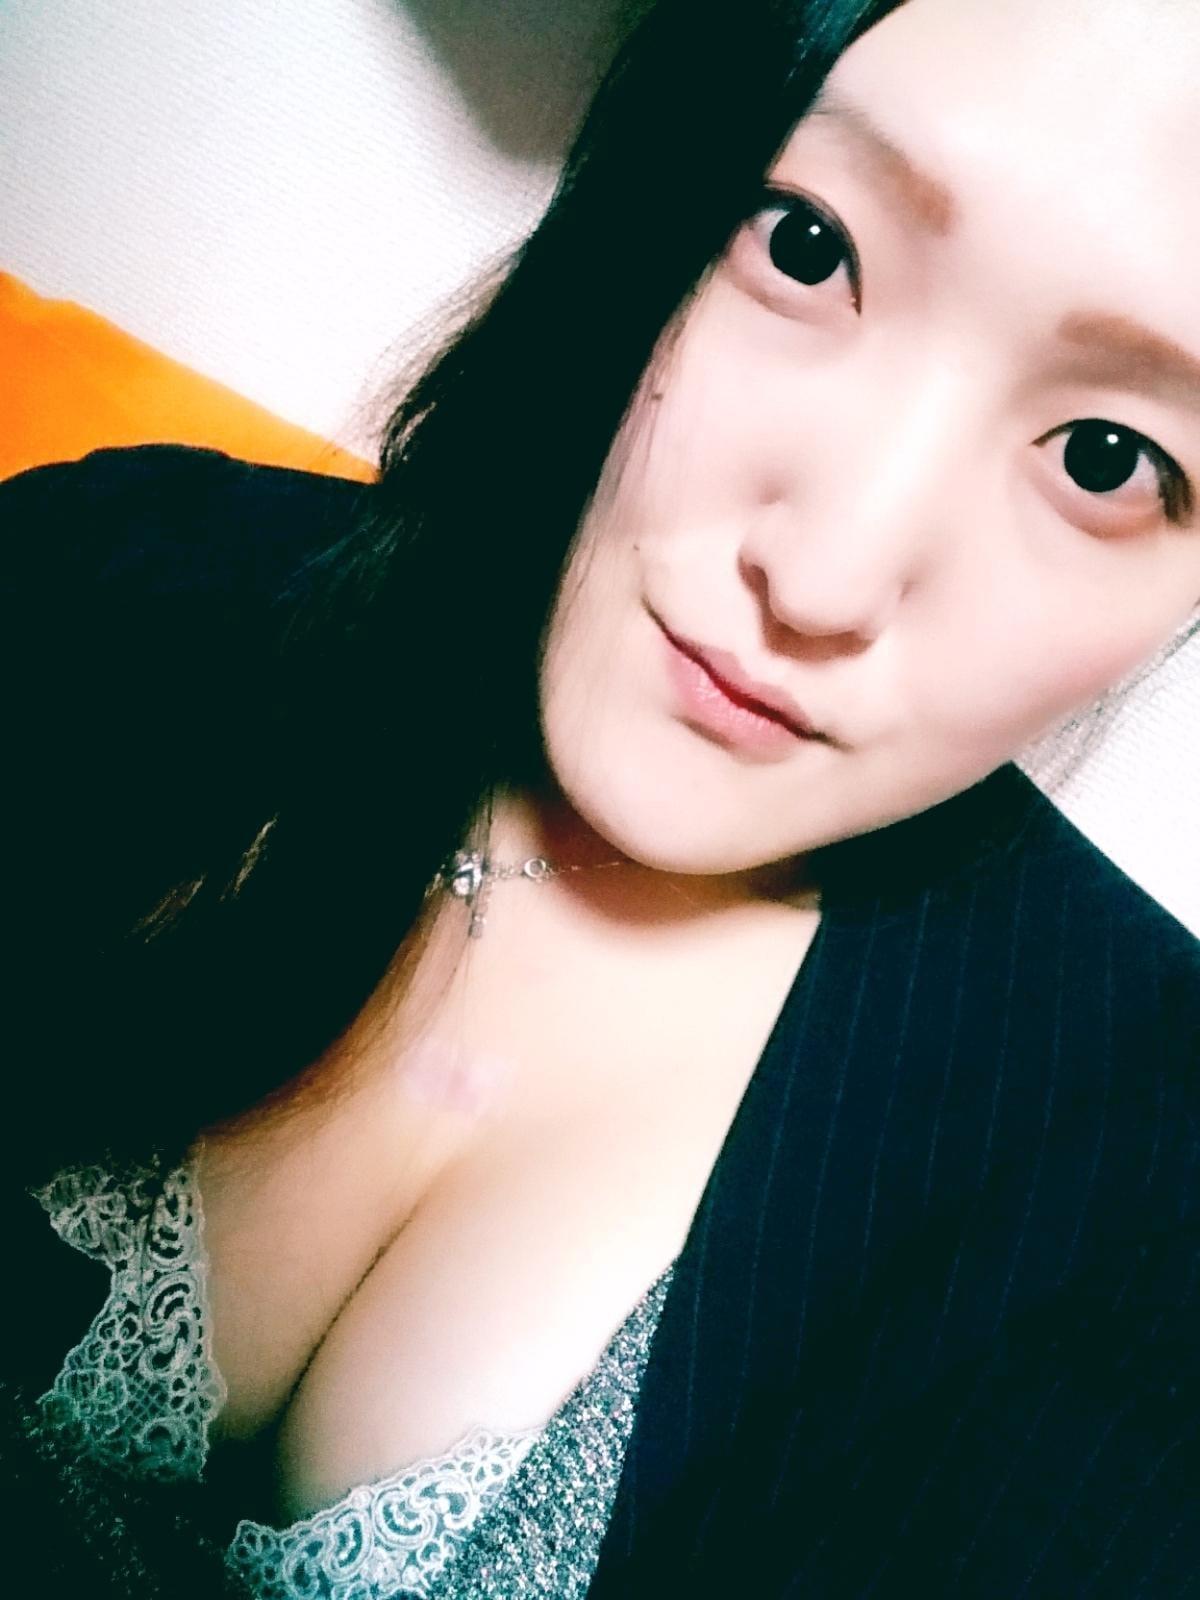 「☆今宵も素敵なユメ みようね?☆」01/10(01/10) 00:37 | みりあの写メ・風俗動画